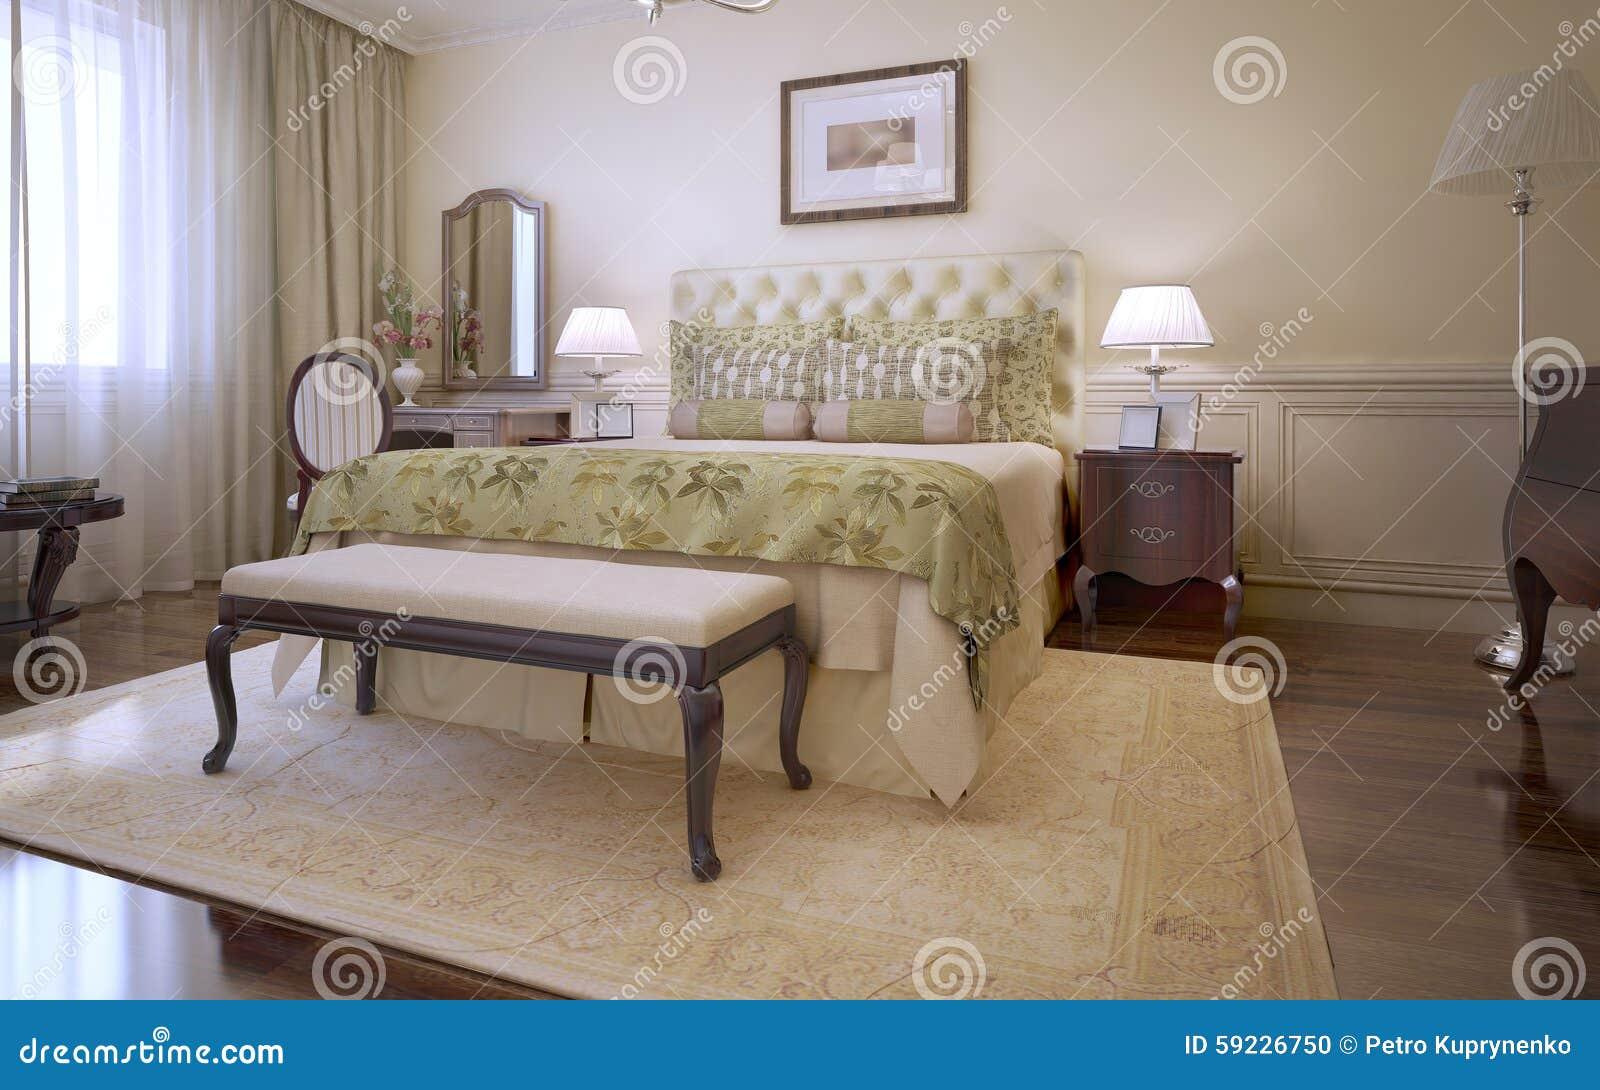 Download Idea Del Dormitorio Inglés Principal Stock de ilustración - Ilustración de dormitorio, clásico: 59226750